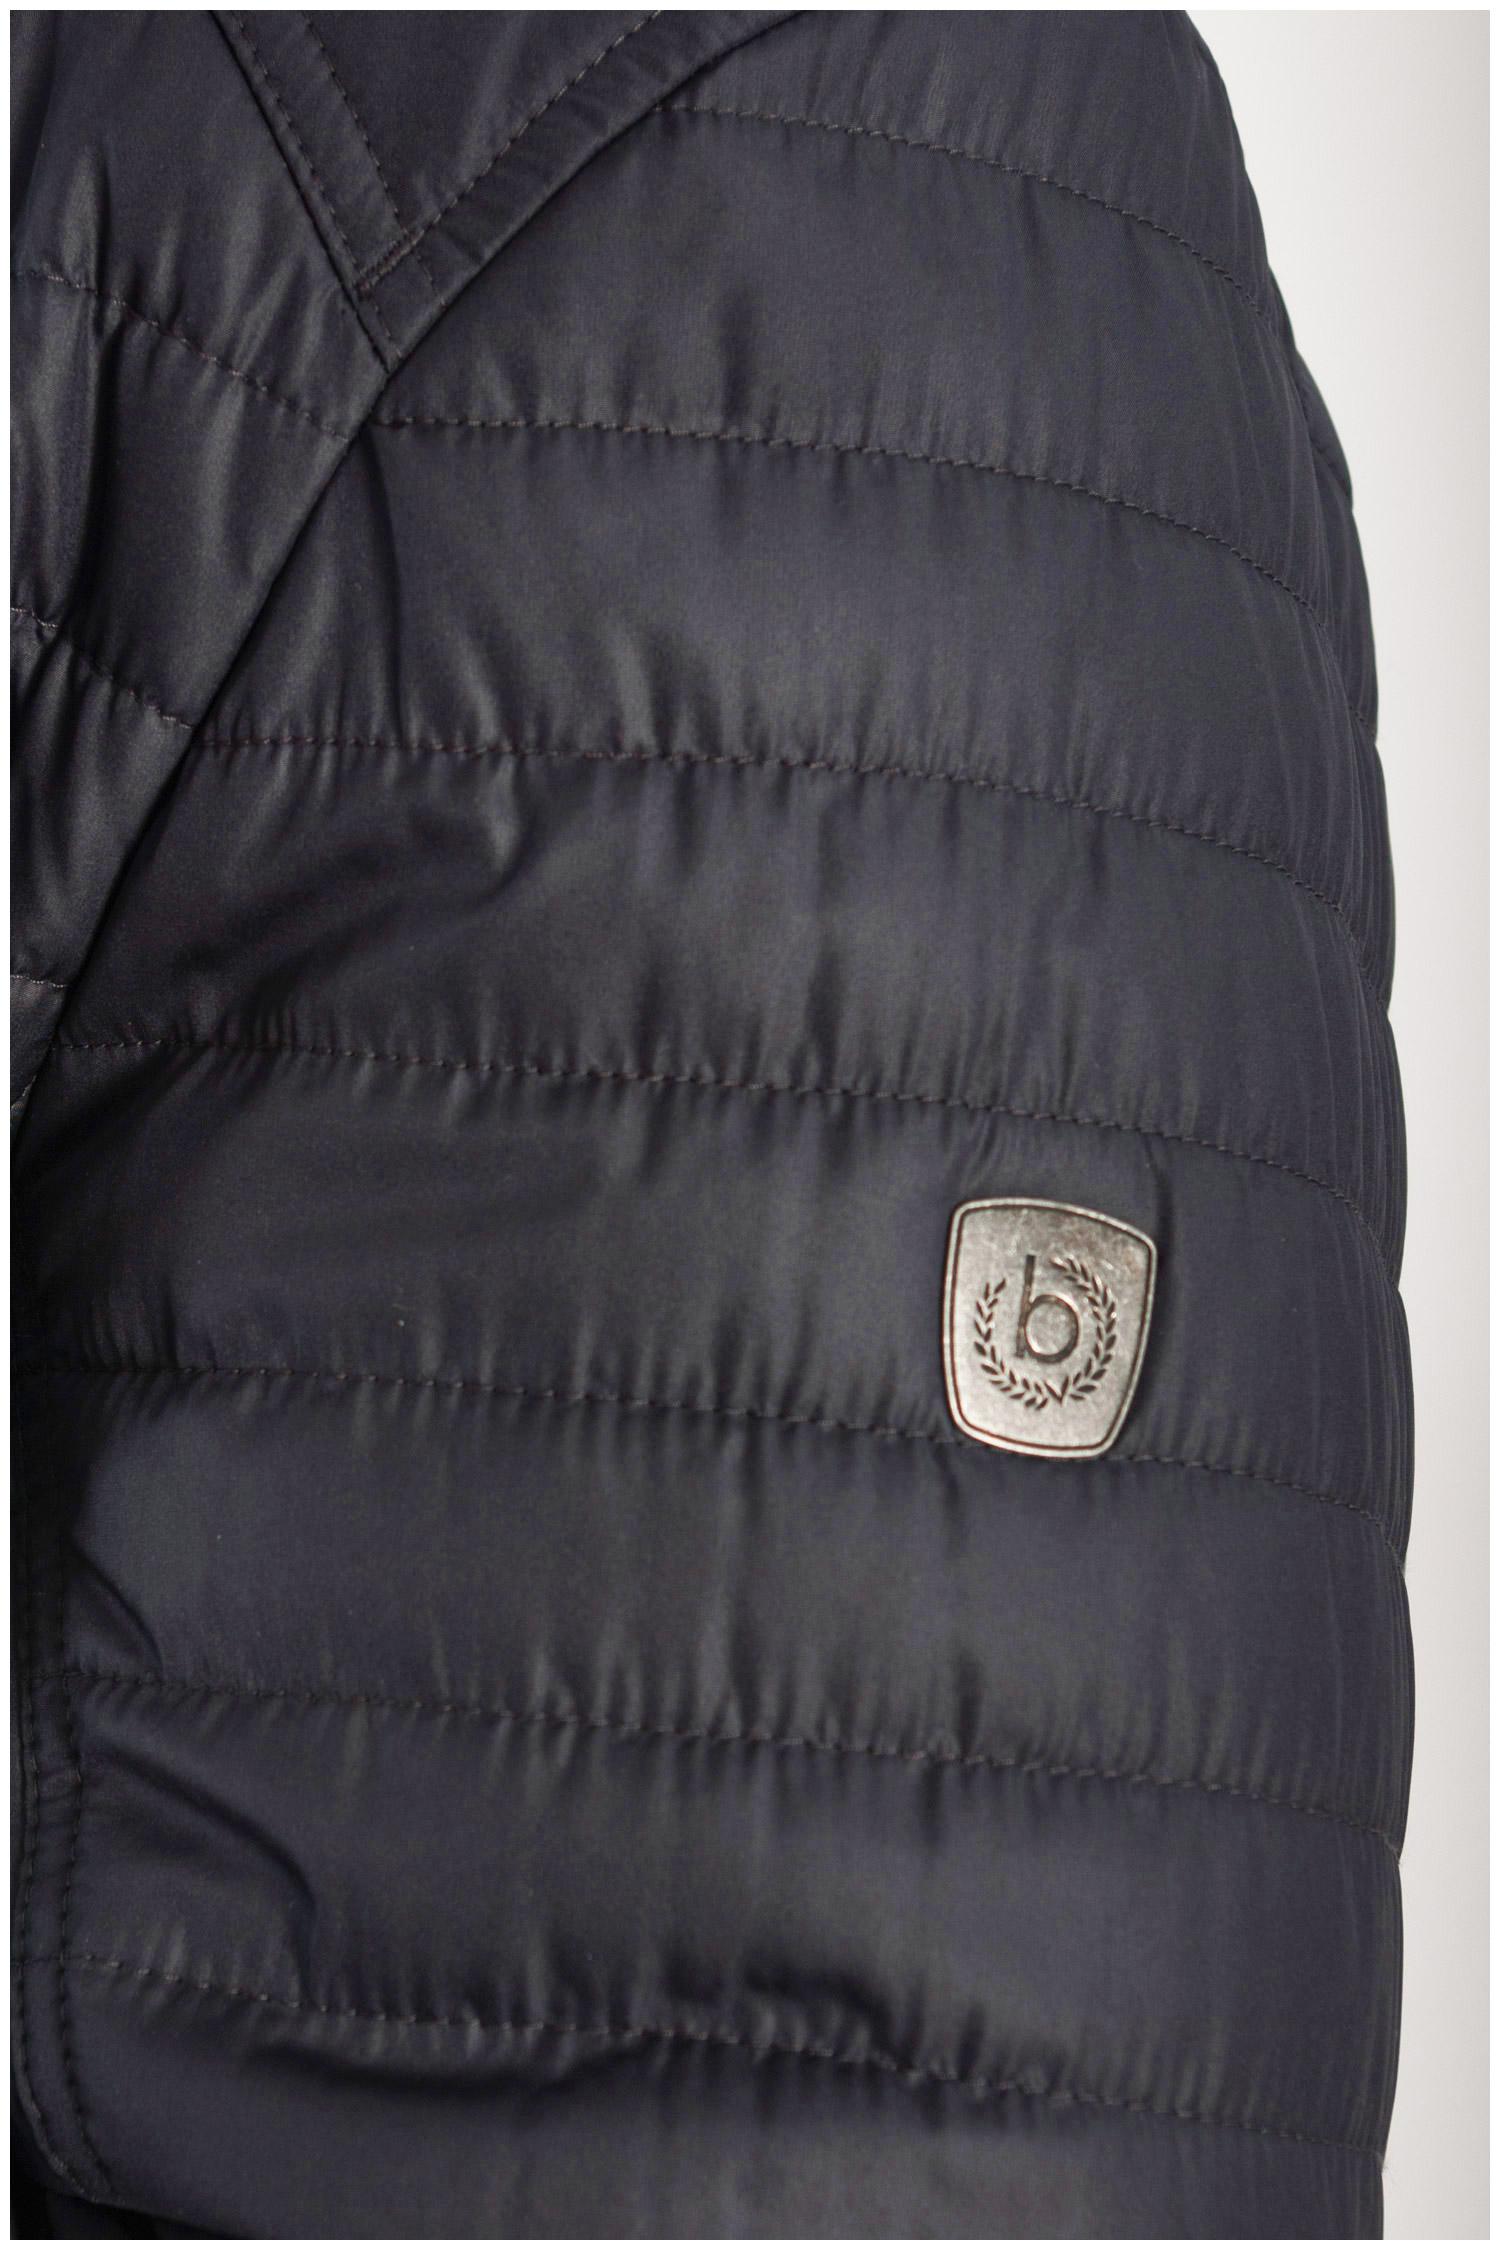 Abrigo, Chaquetones y Piel, 108223, MARINO   Zoom